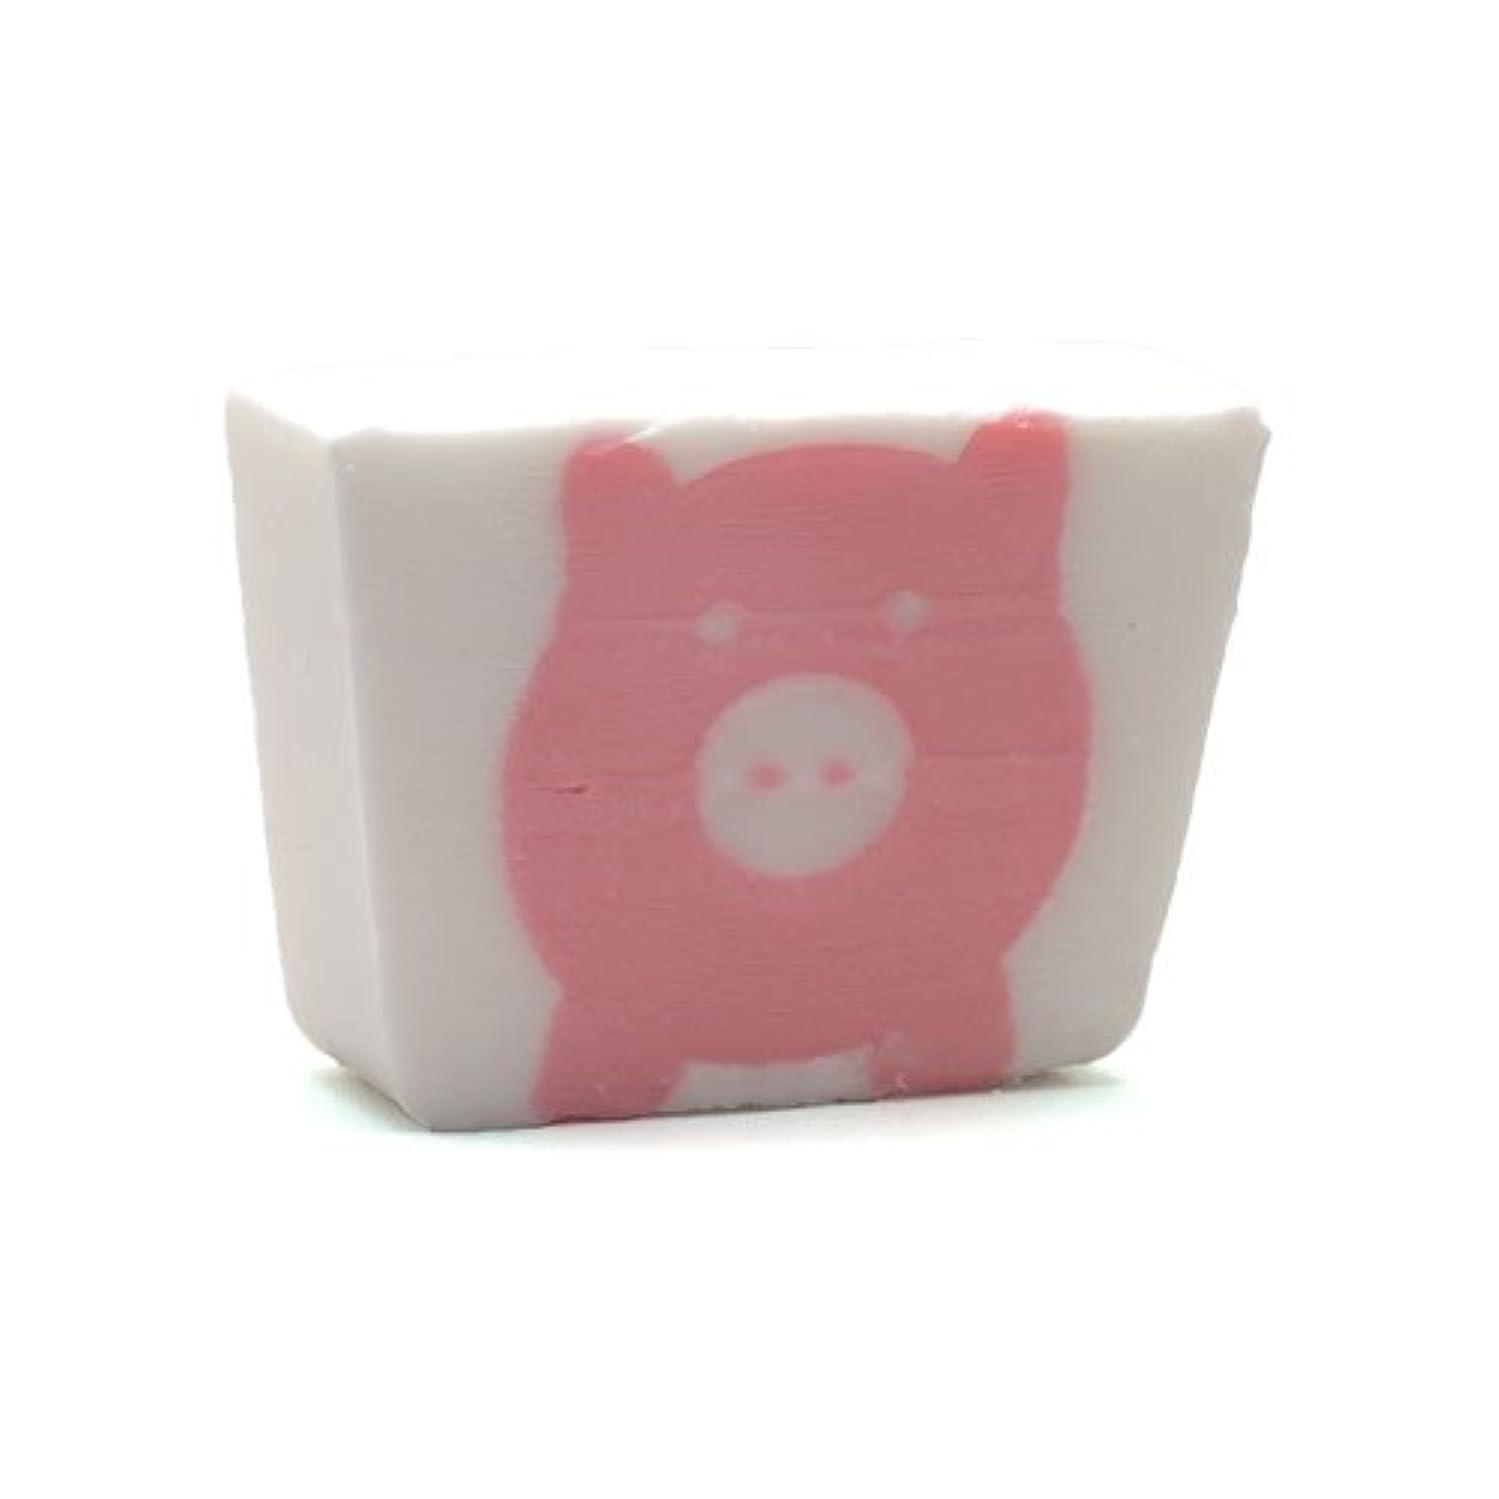 再編成するお風呂を持っている強調プライモールエレメンツ アロマティック ミニソープ ピンクピッグ 80g 植物性 ナチュラル 石鹸 無添加